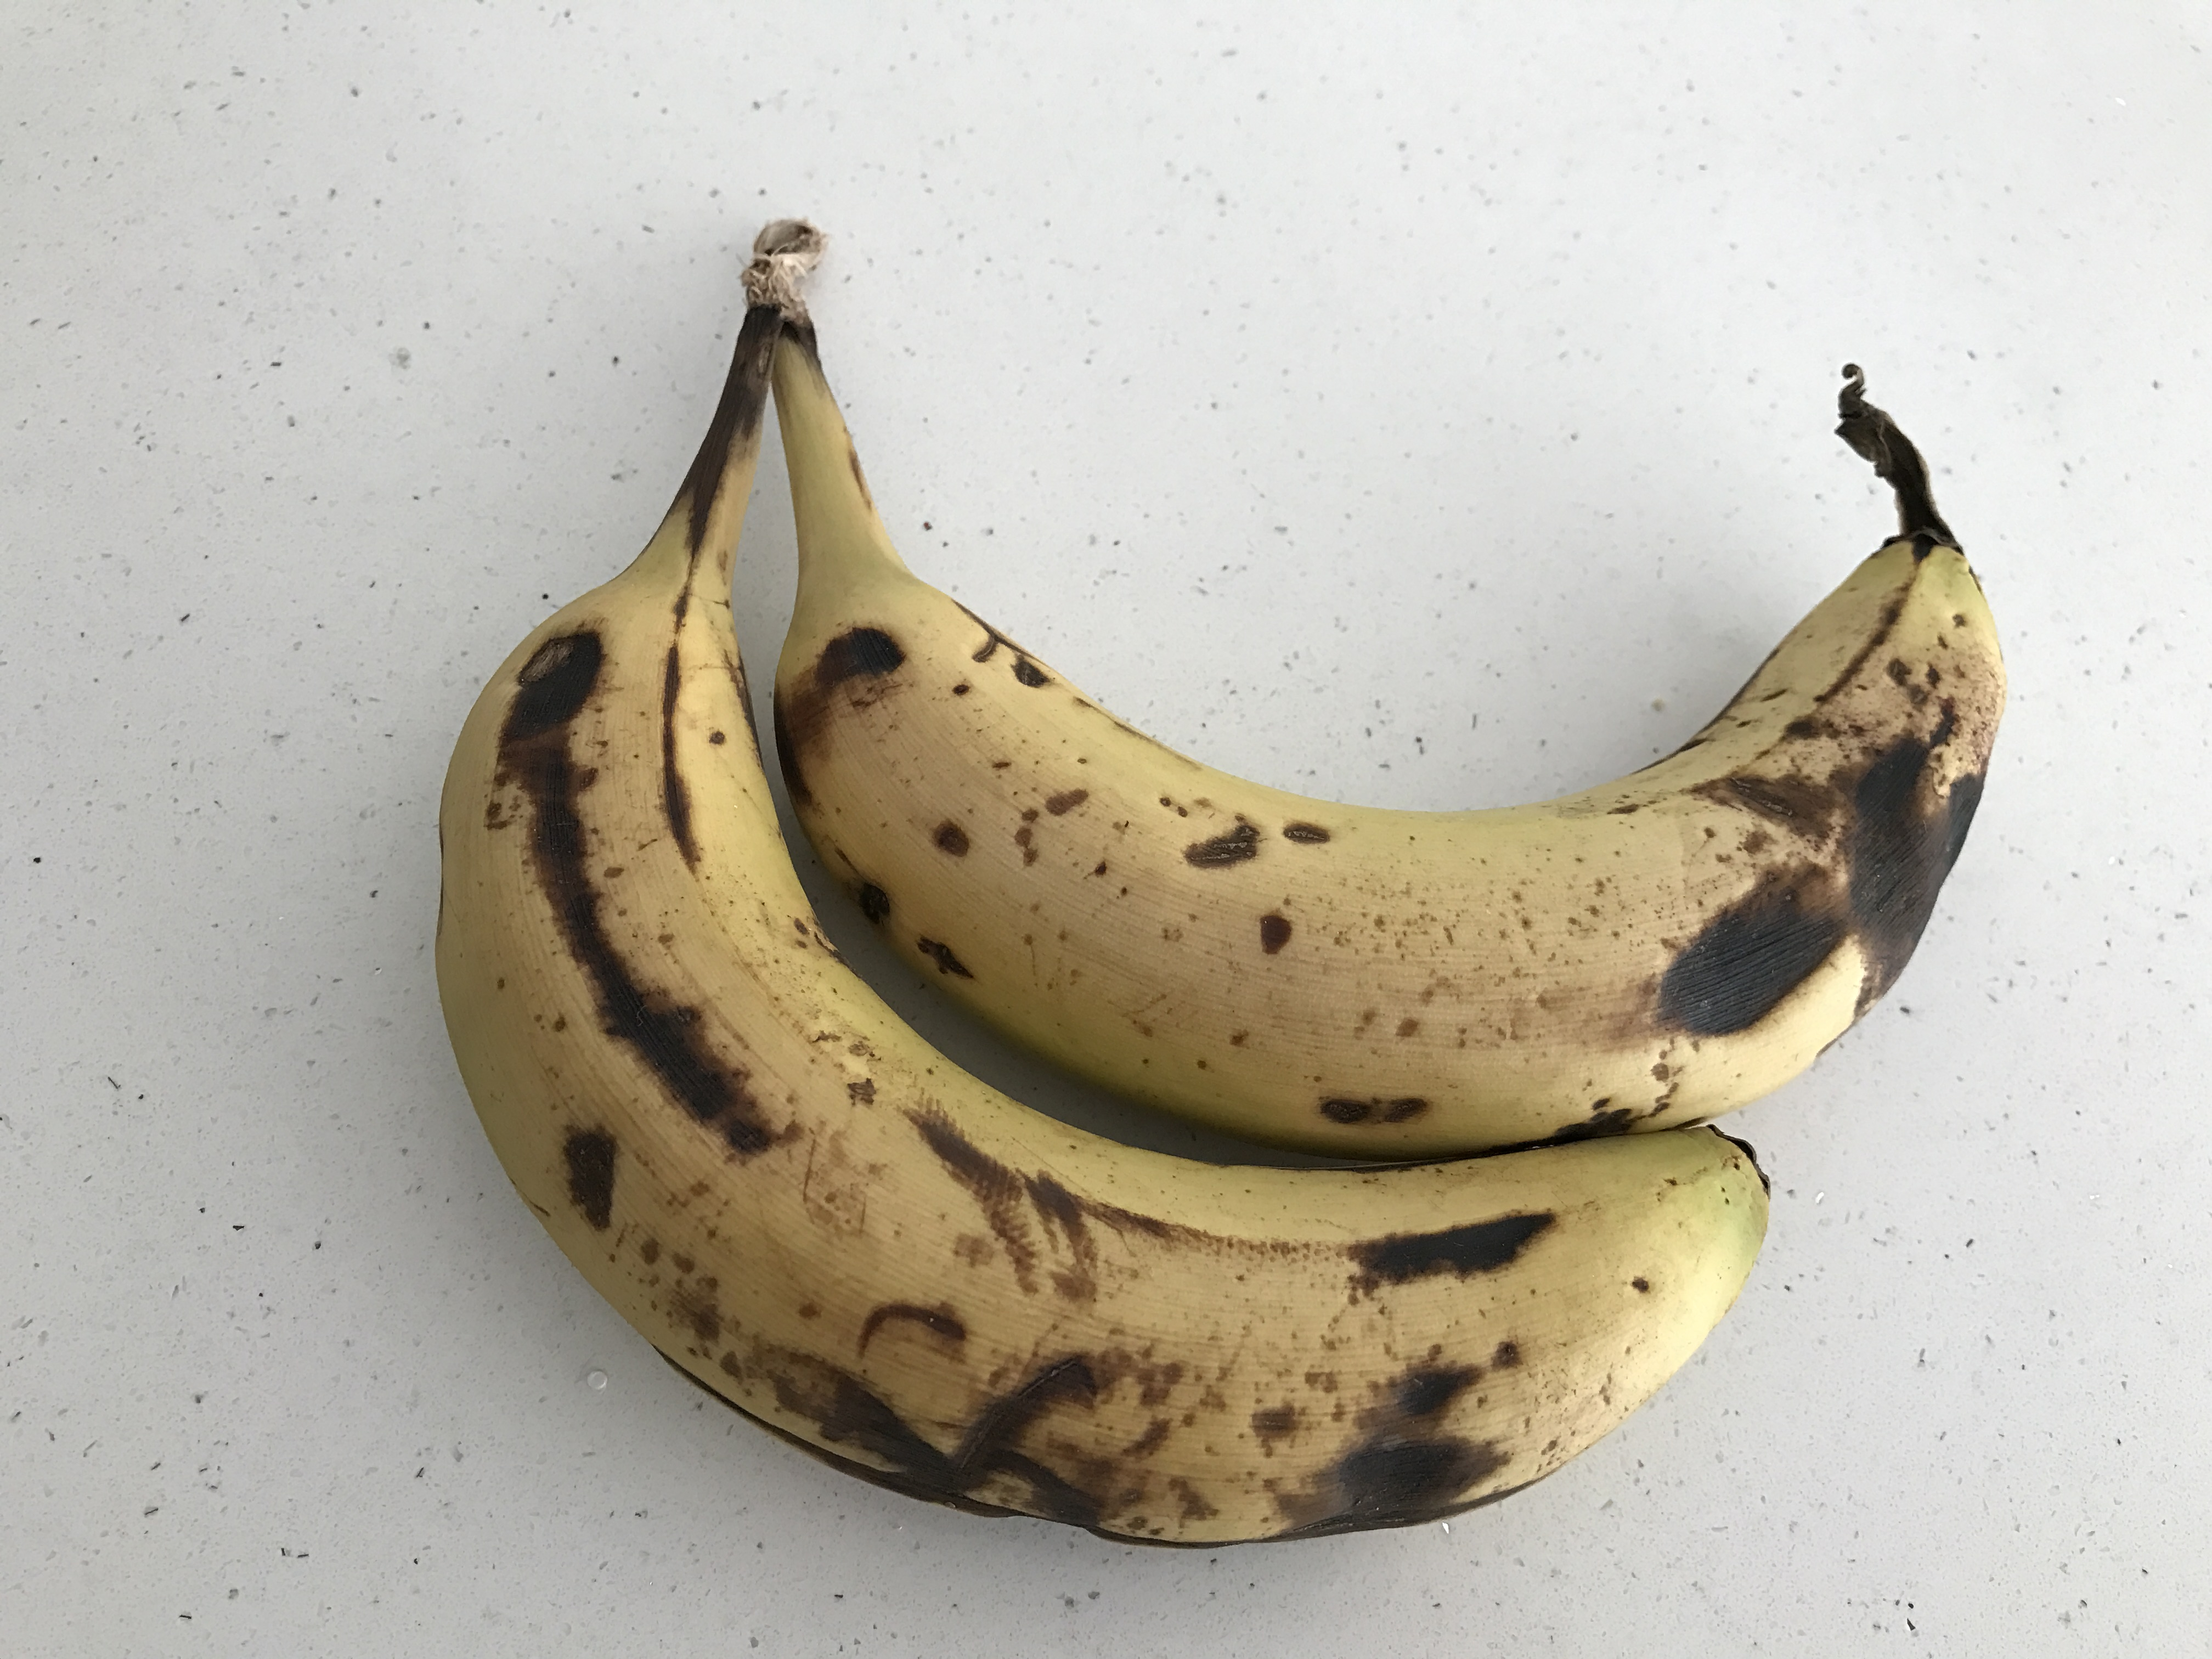 אם רק היו לי בננות באמצע  הלילה